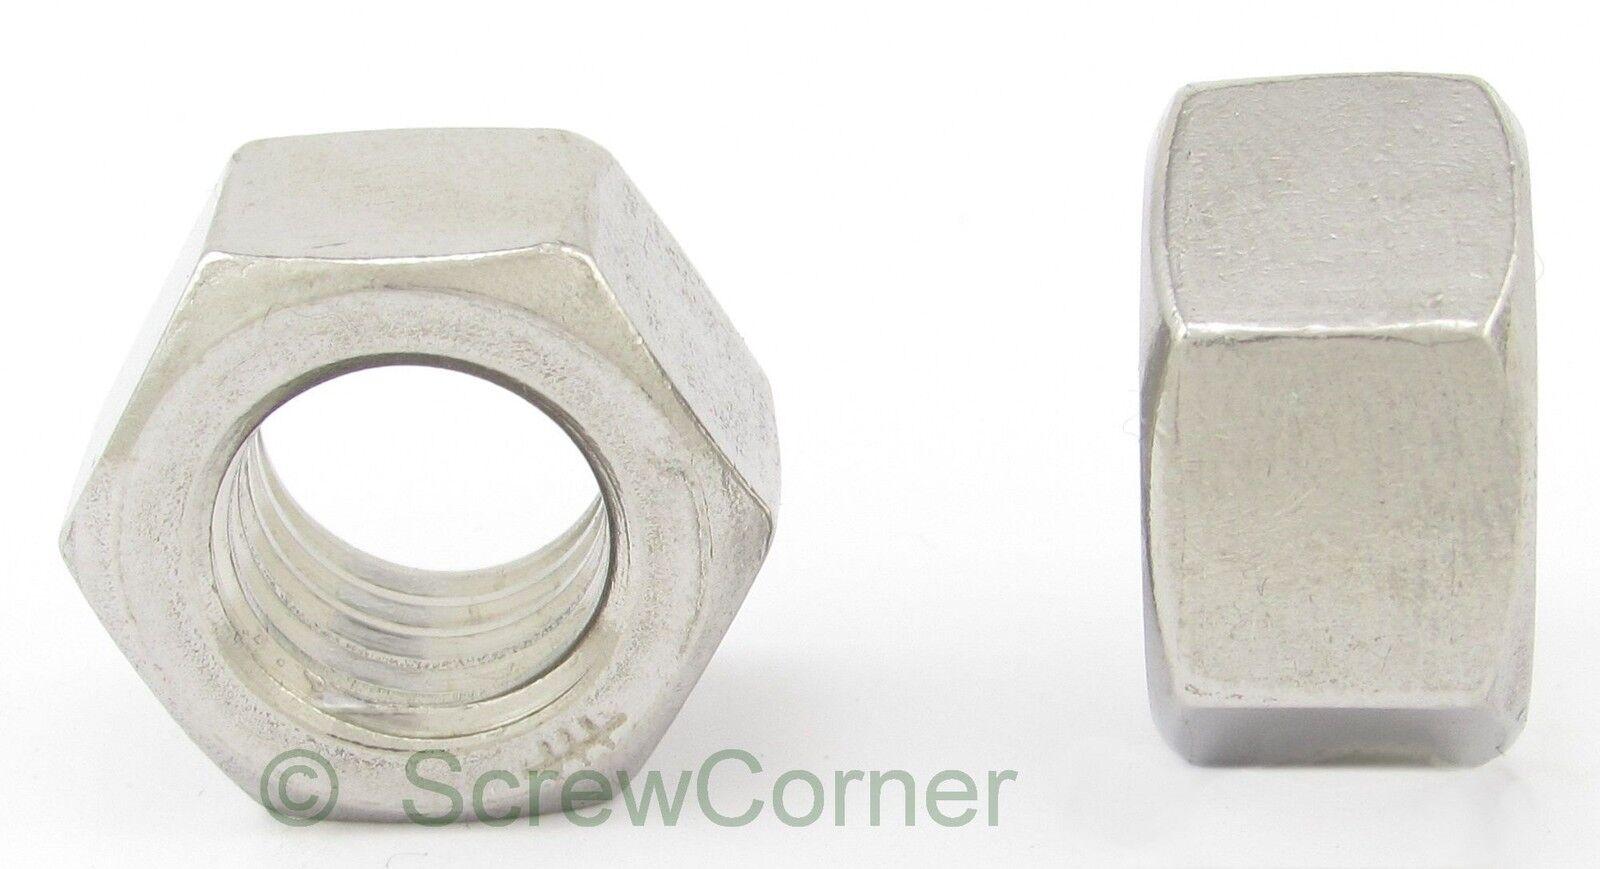 Sechskantmutter 9 16-12 UNC A2 Edelstahl - Hex Nut 9 16-12 UNC Stainless Steel